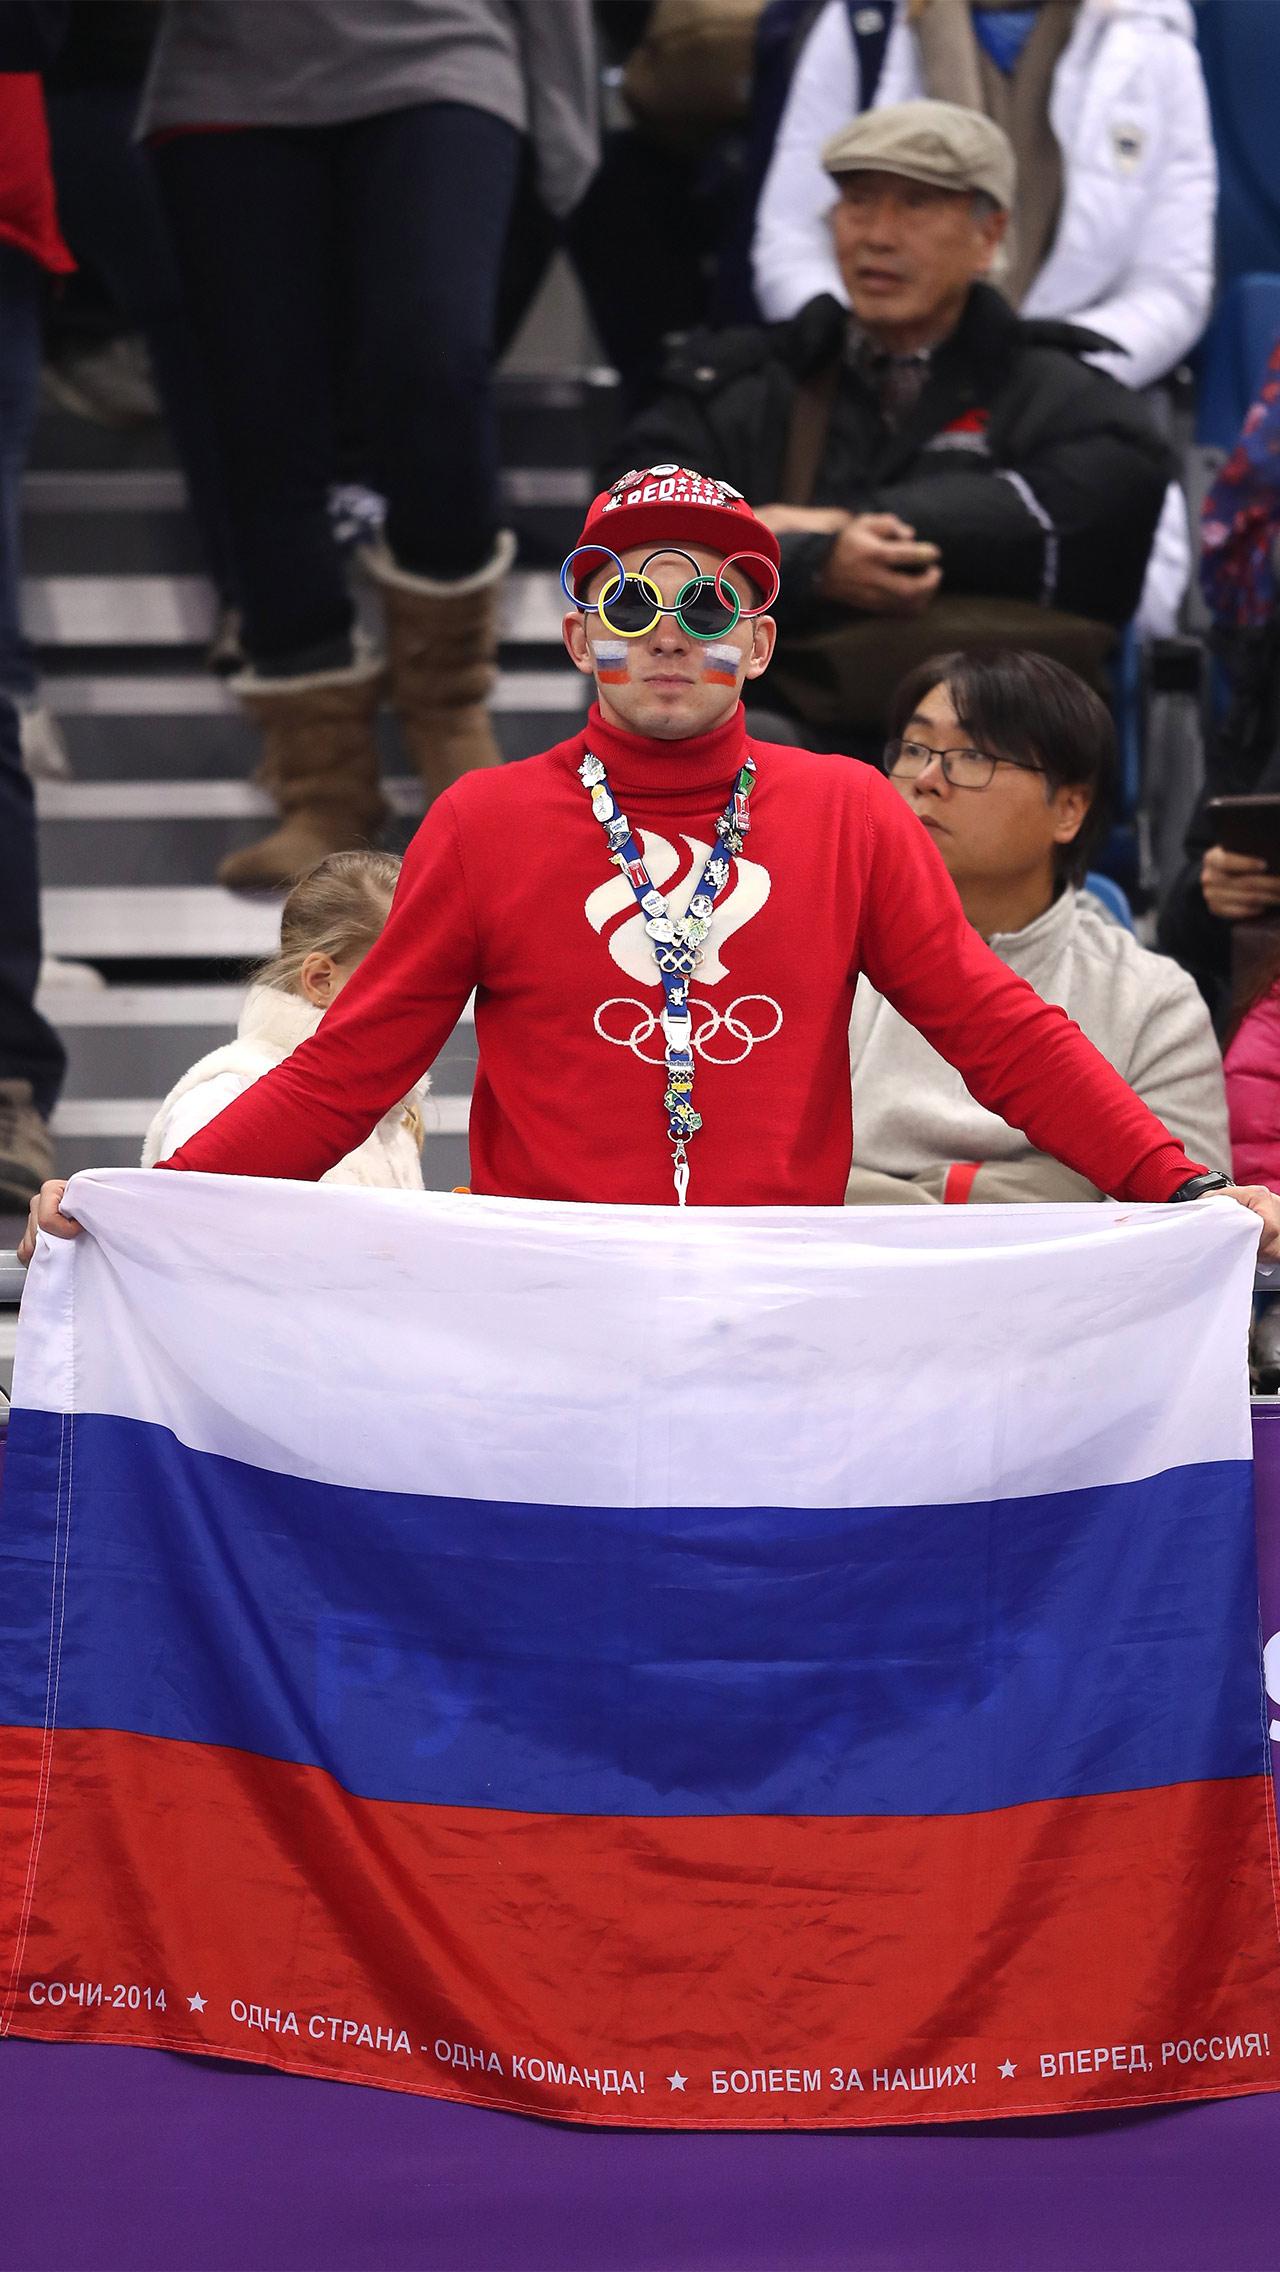 Скандал связан с тем, что российский флаг, равно как и гимн, как и использование слова Россия на Играх в Токио будет запрещено из-за санкций, наложенных ВАДА.